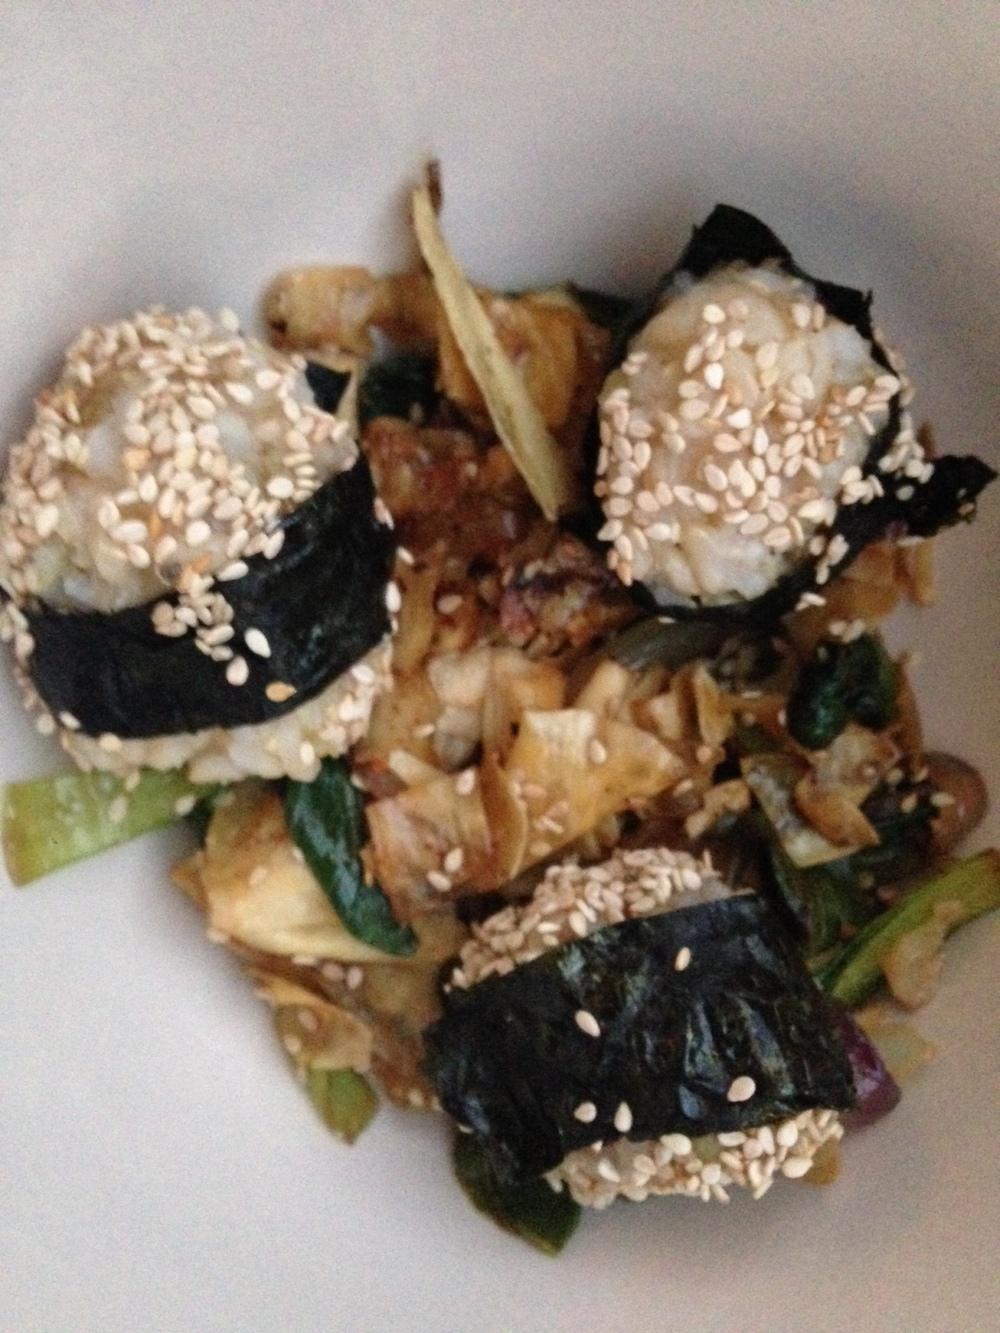 Wok de bok choi, yuba y cebolla roja con bolitas de arroz.